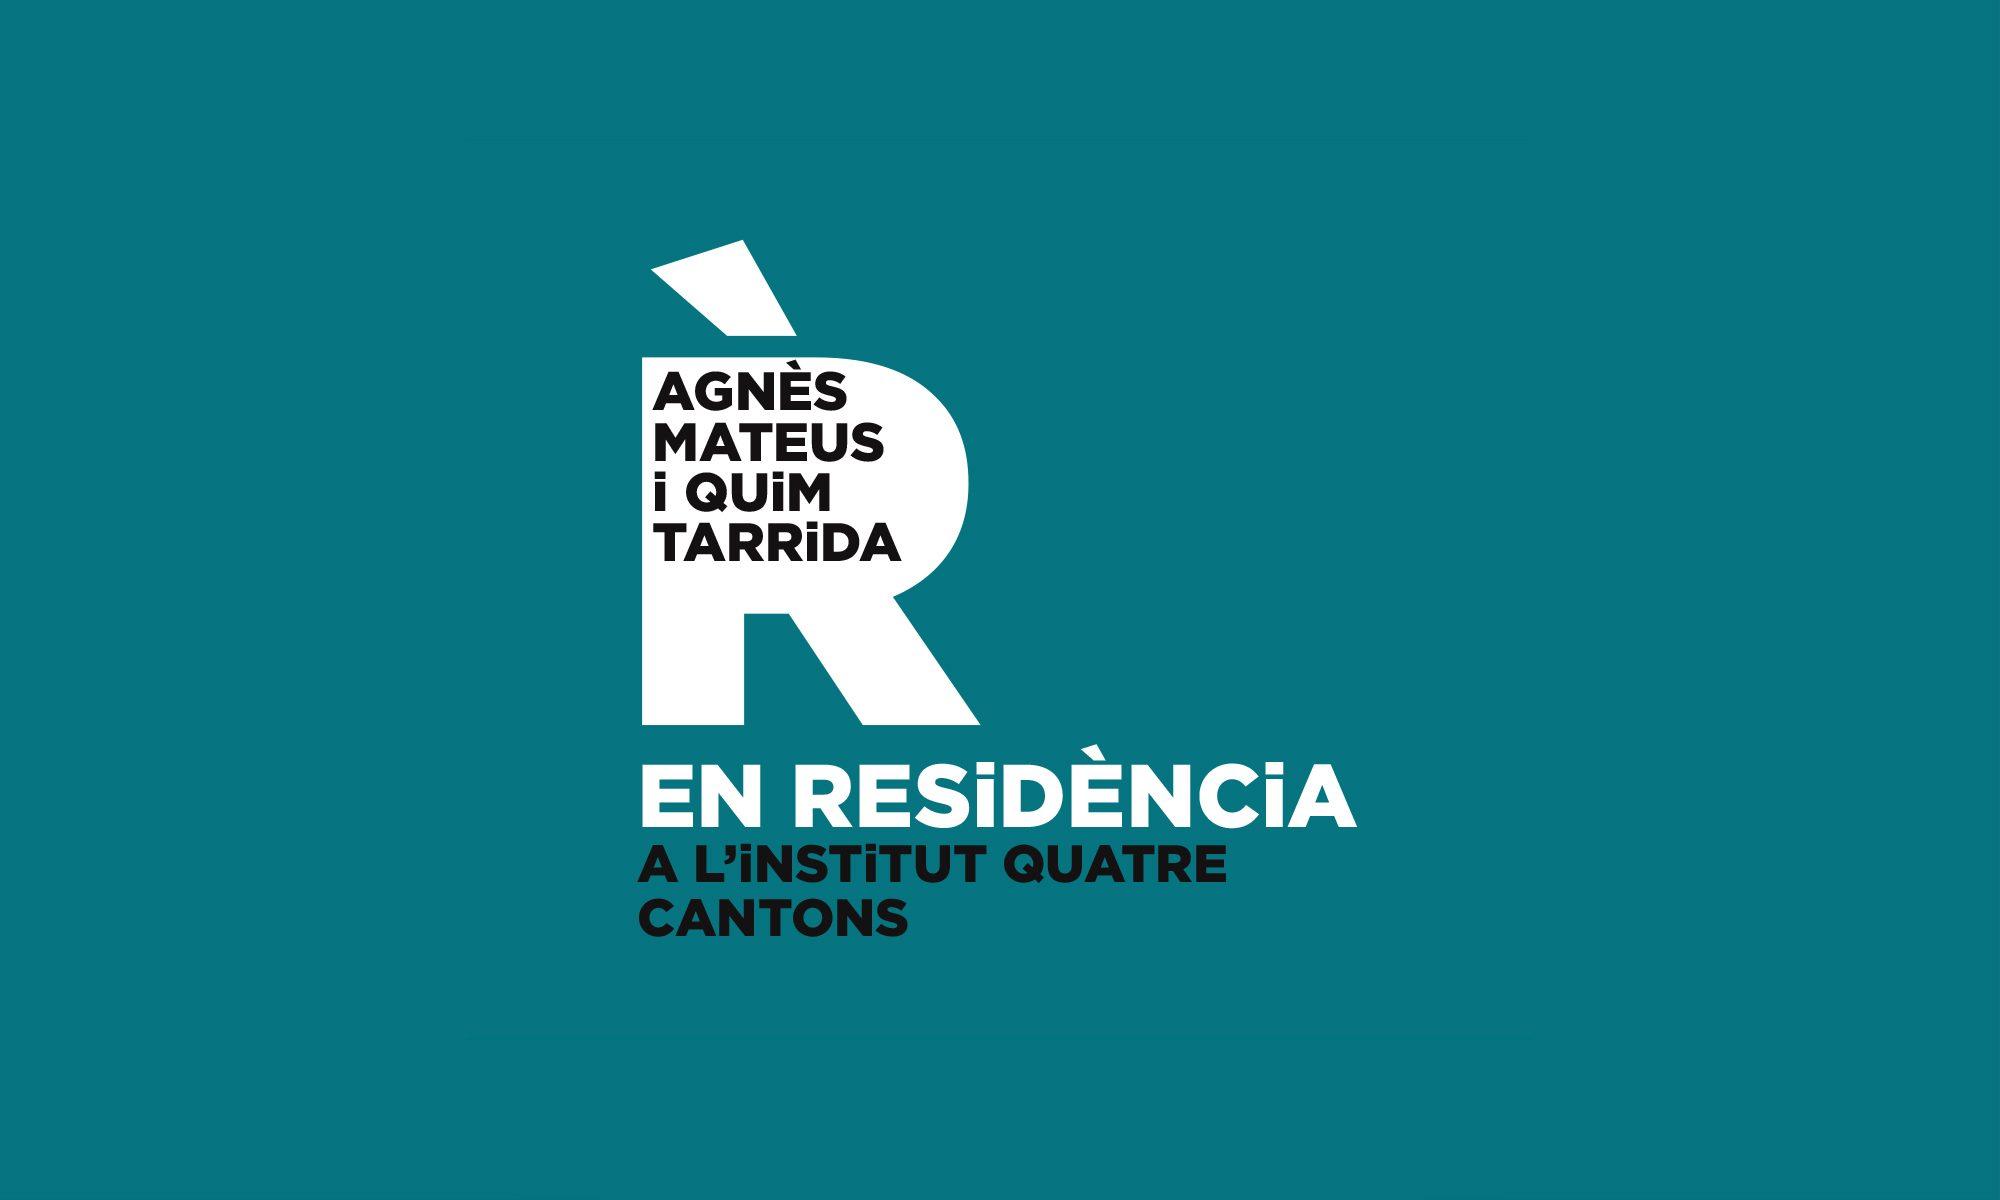 Agnès Mateus i Quim Tarrida EN RESiDÈNCiA